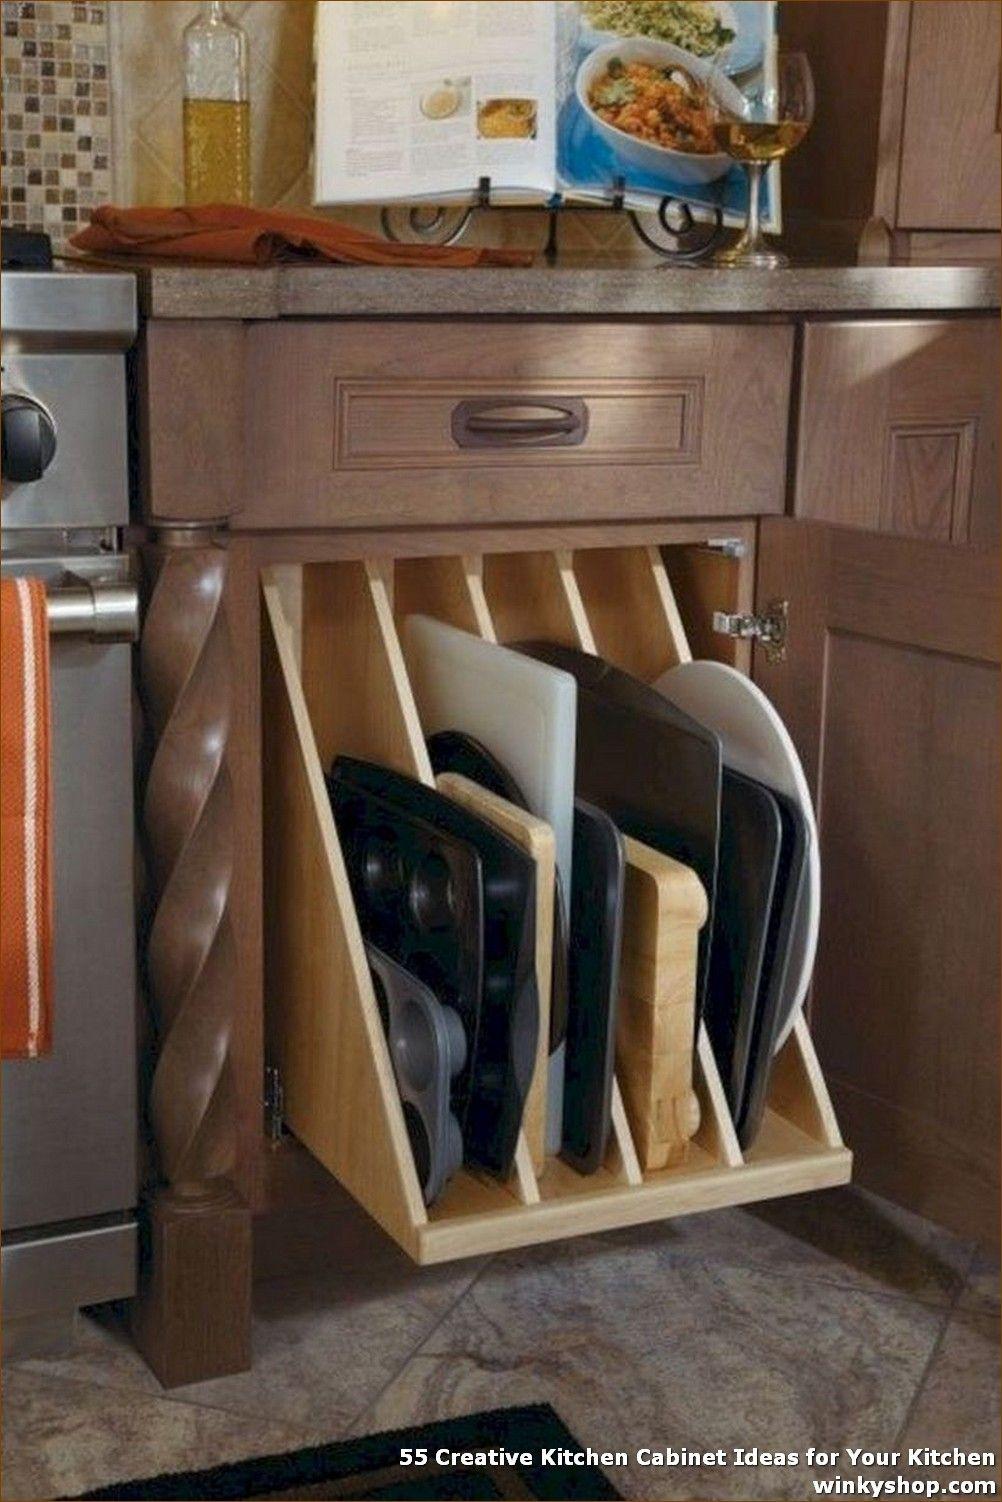 55 Creative Kitchen Cabinet Ideas For Your Kitchen Kitchen Design Diy Kitchen Storage Organization Traditional Kitchen Cabinets